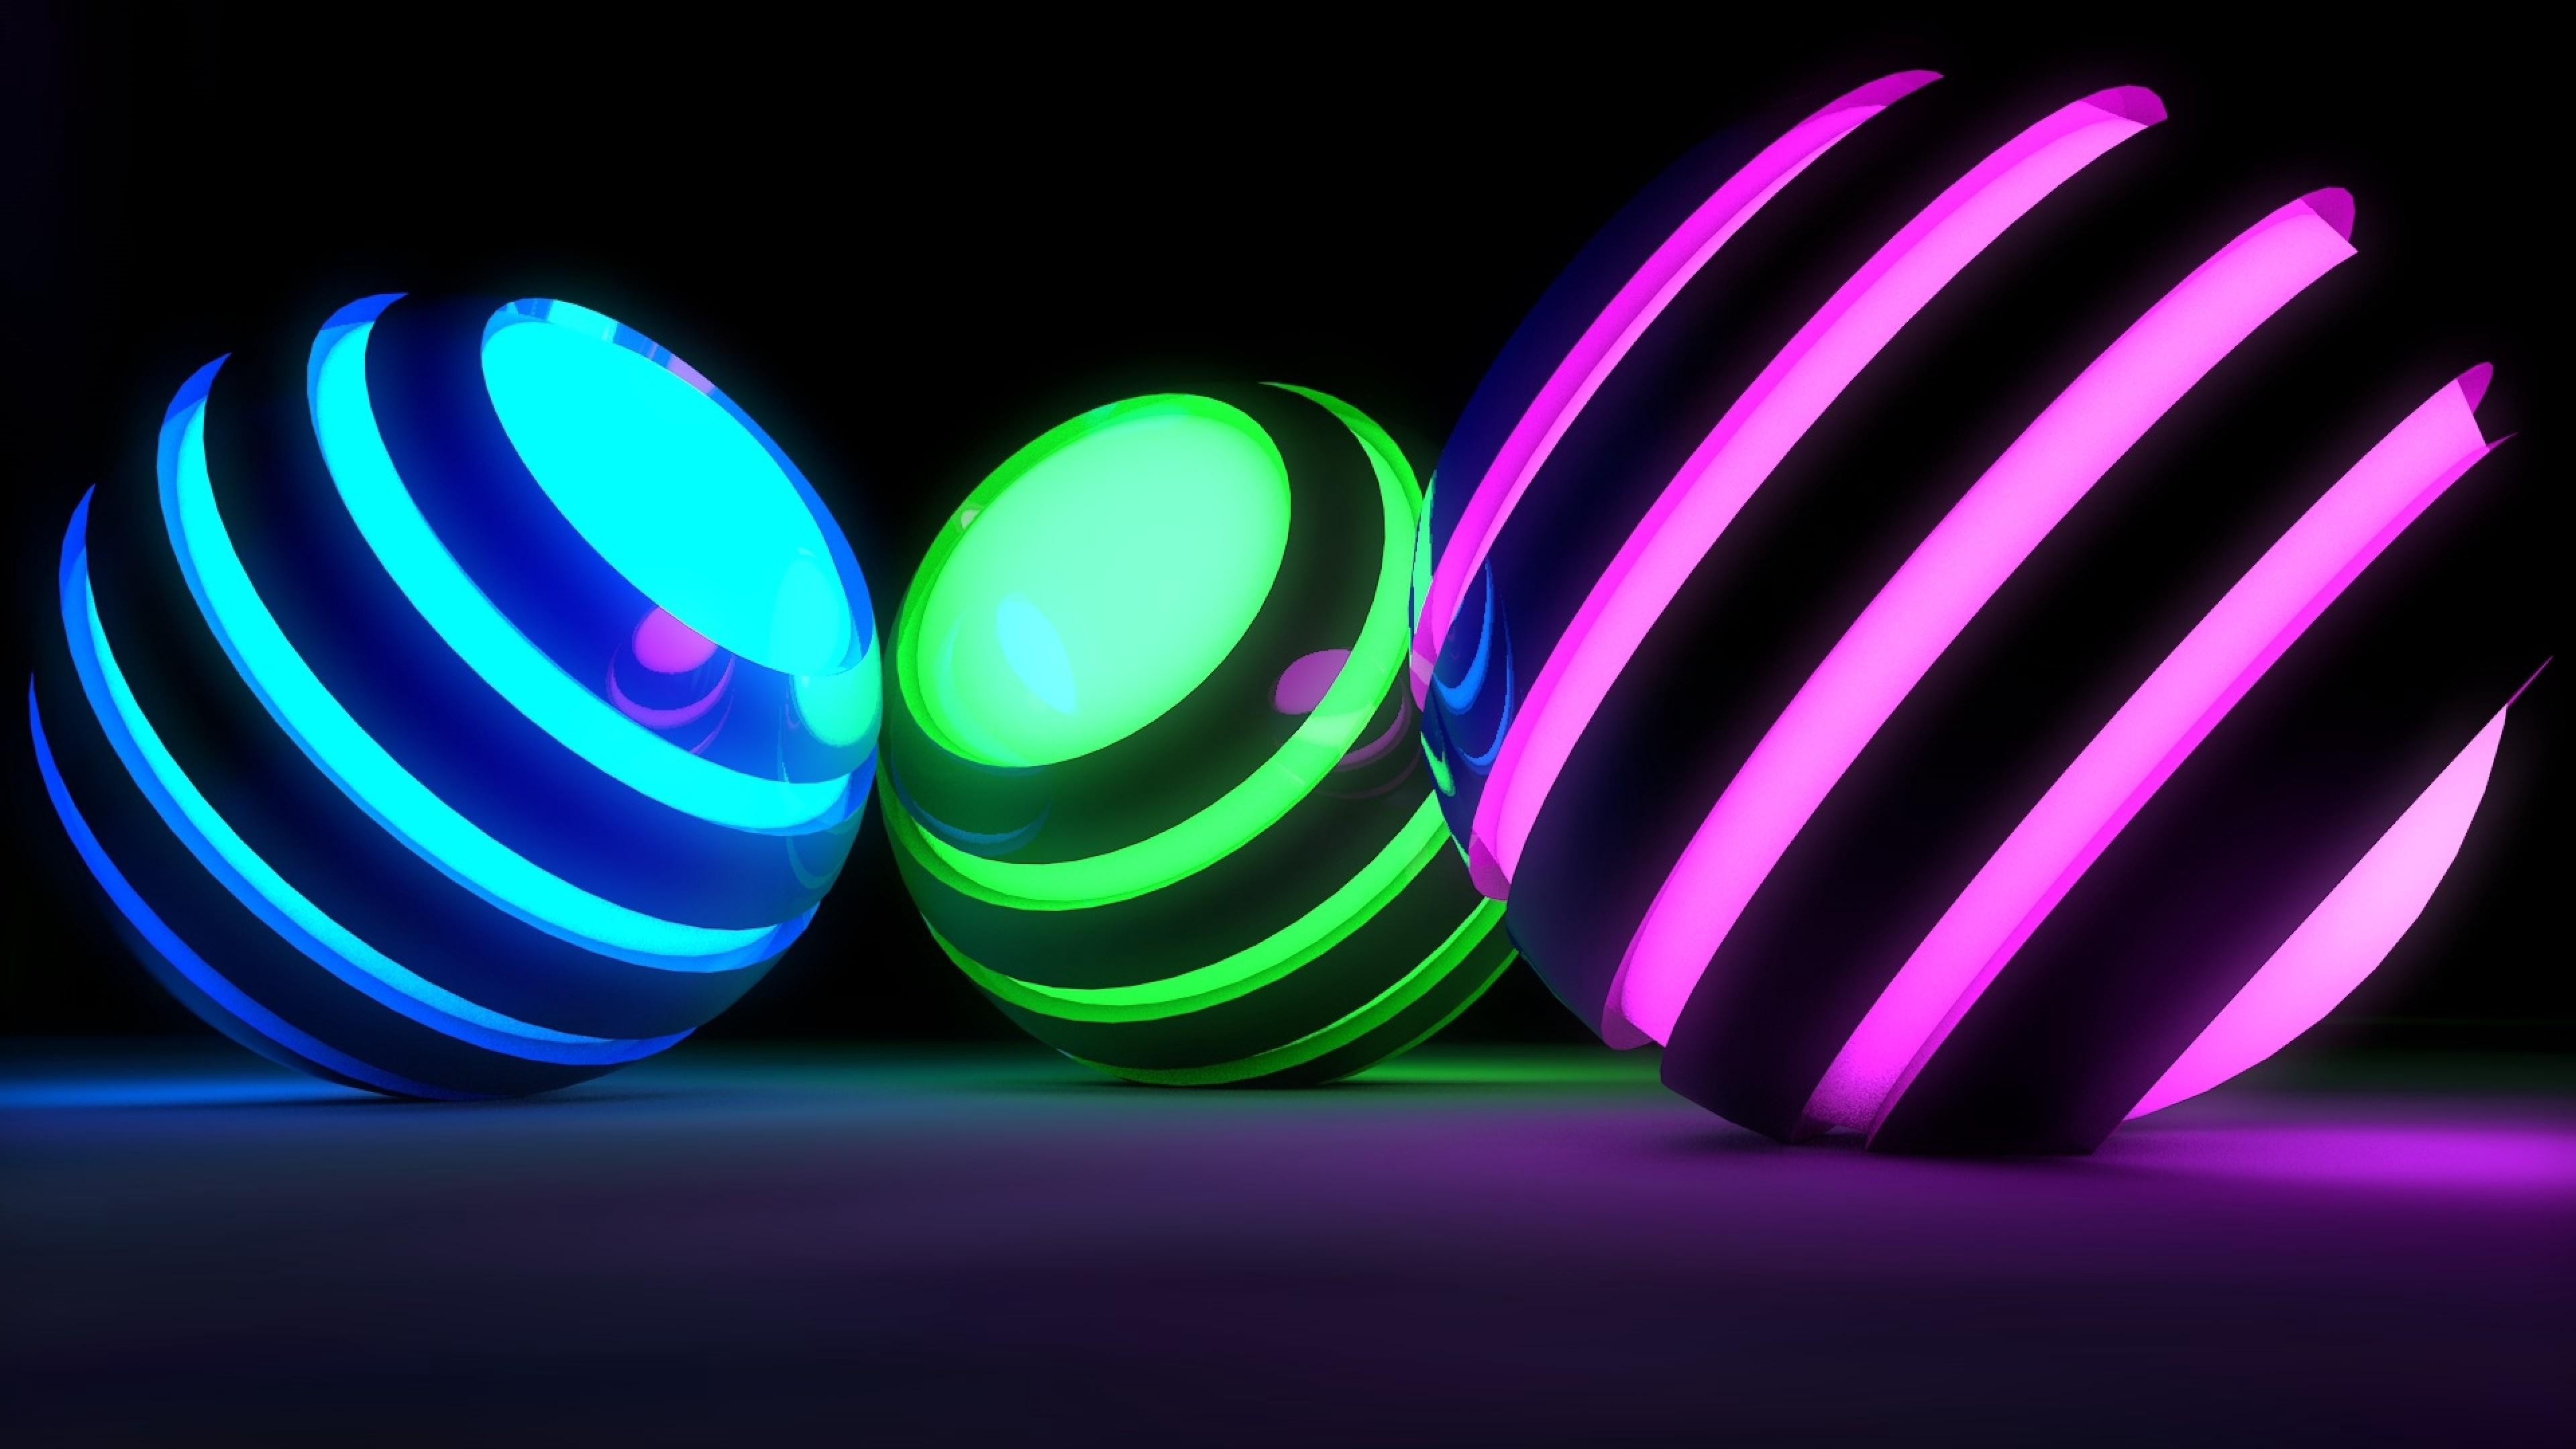 Glowing Bright Balls Hd Wallpaper 4k Ultra Hd Hd Wallpaper